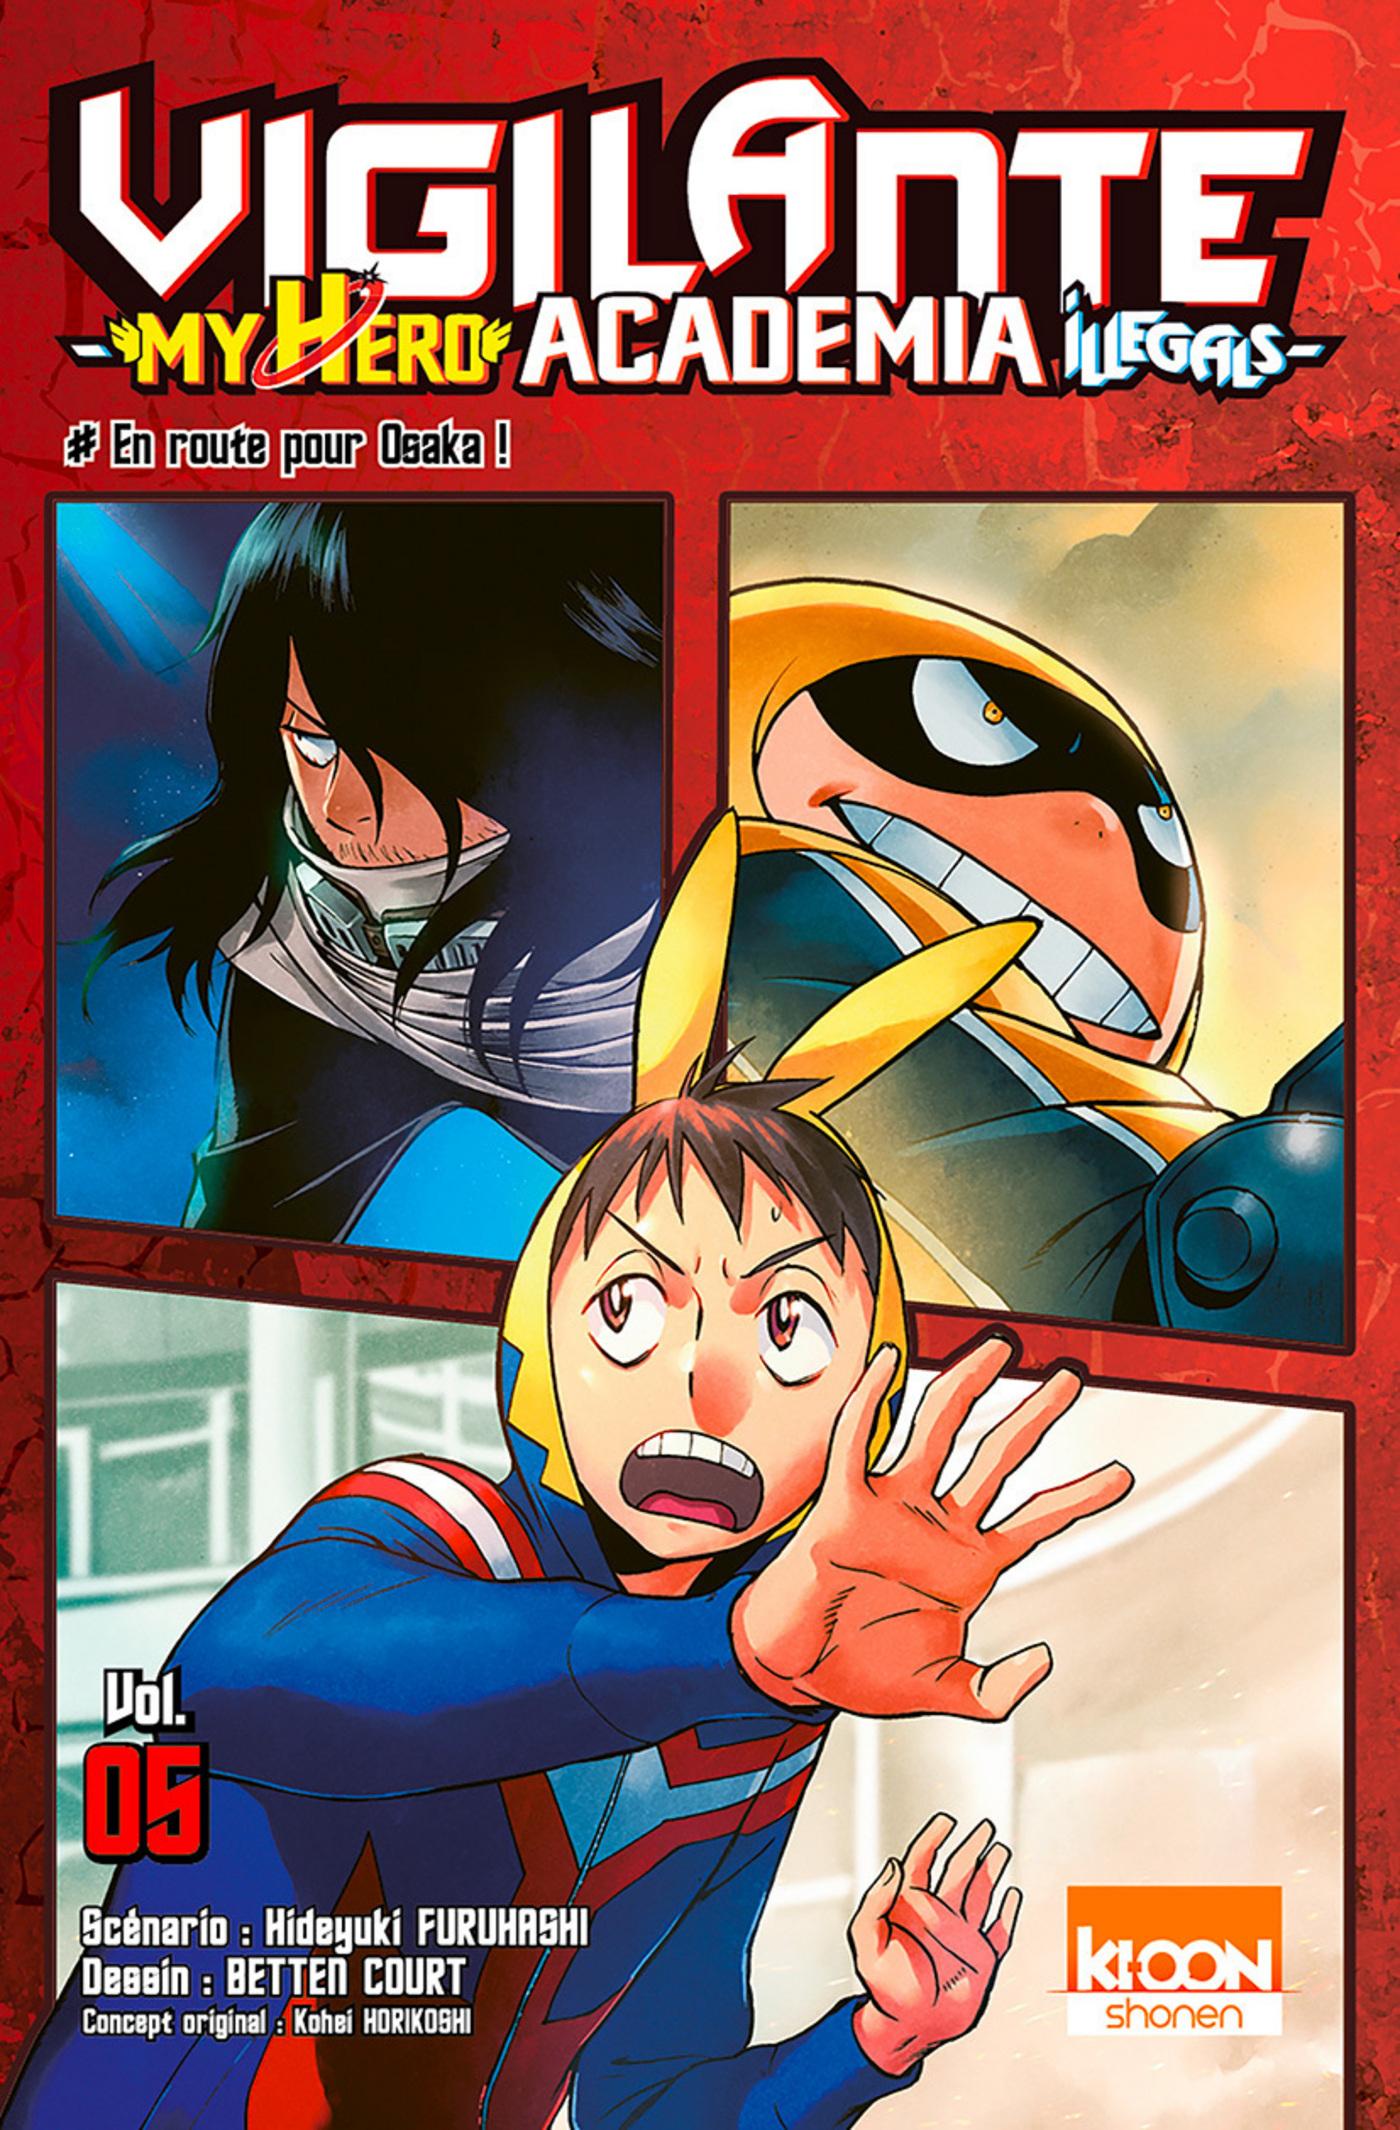 Vigilante - My Hero Academia illegals 5